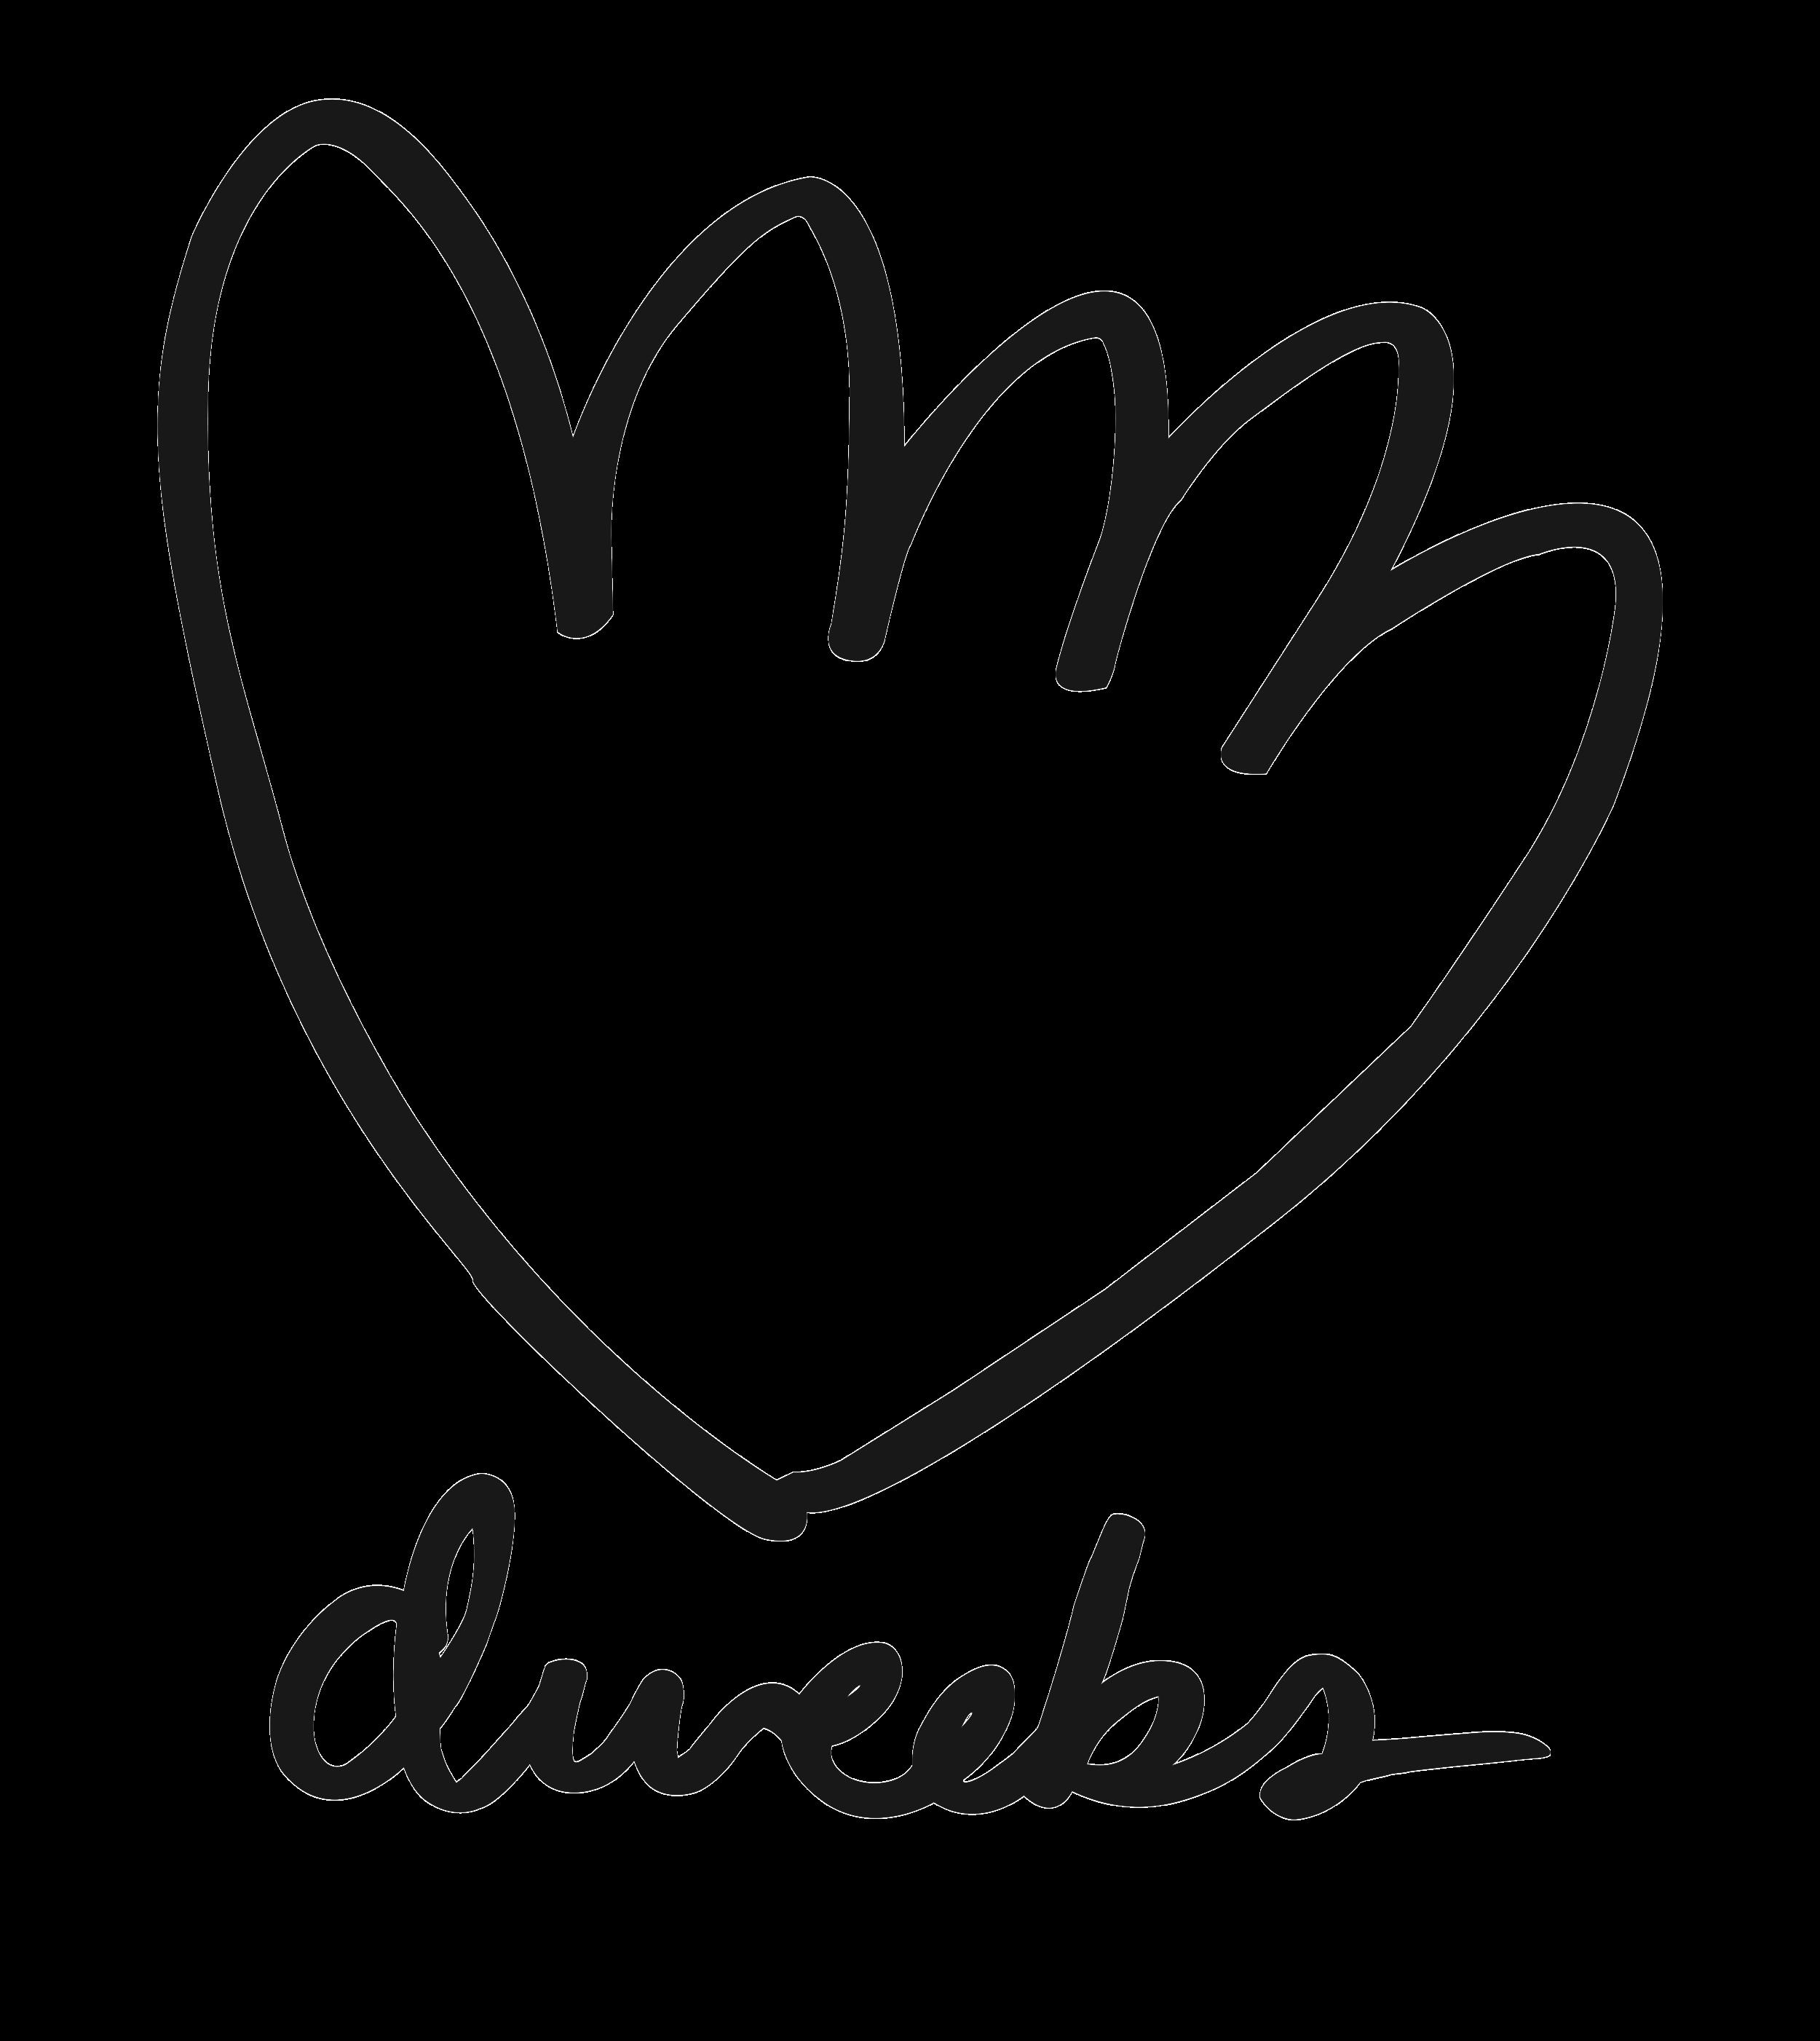 dweebs-flower-logo.png